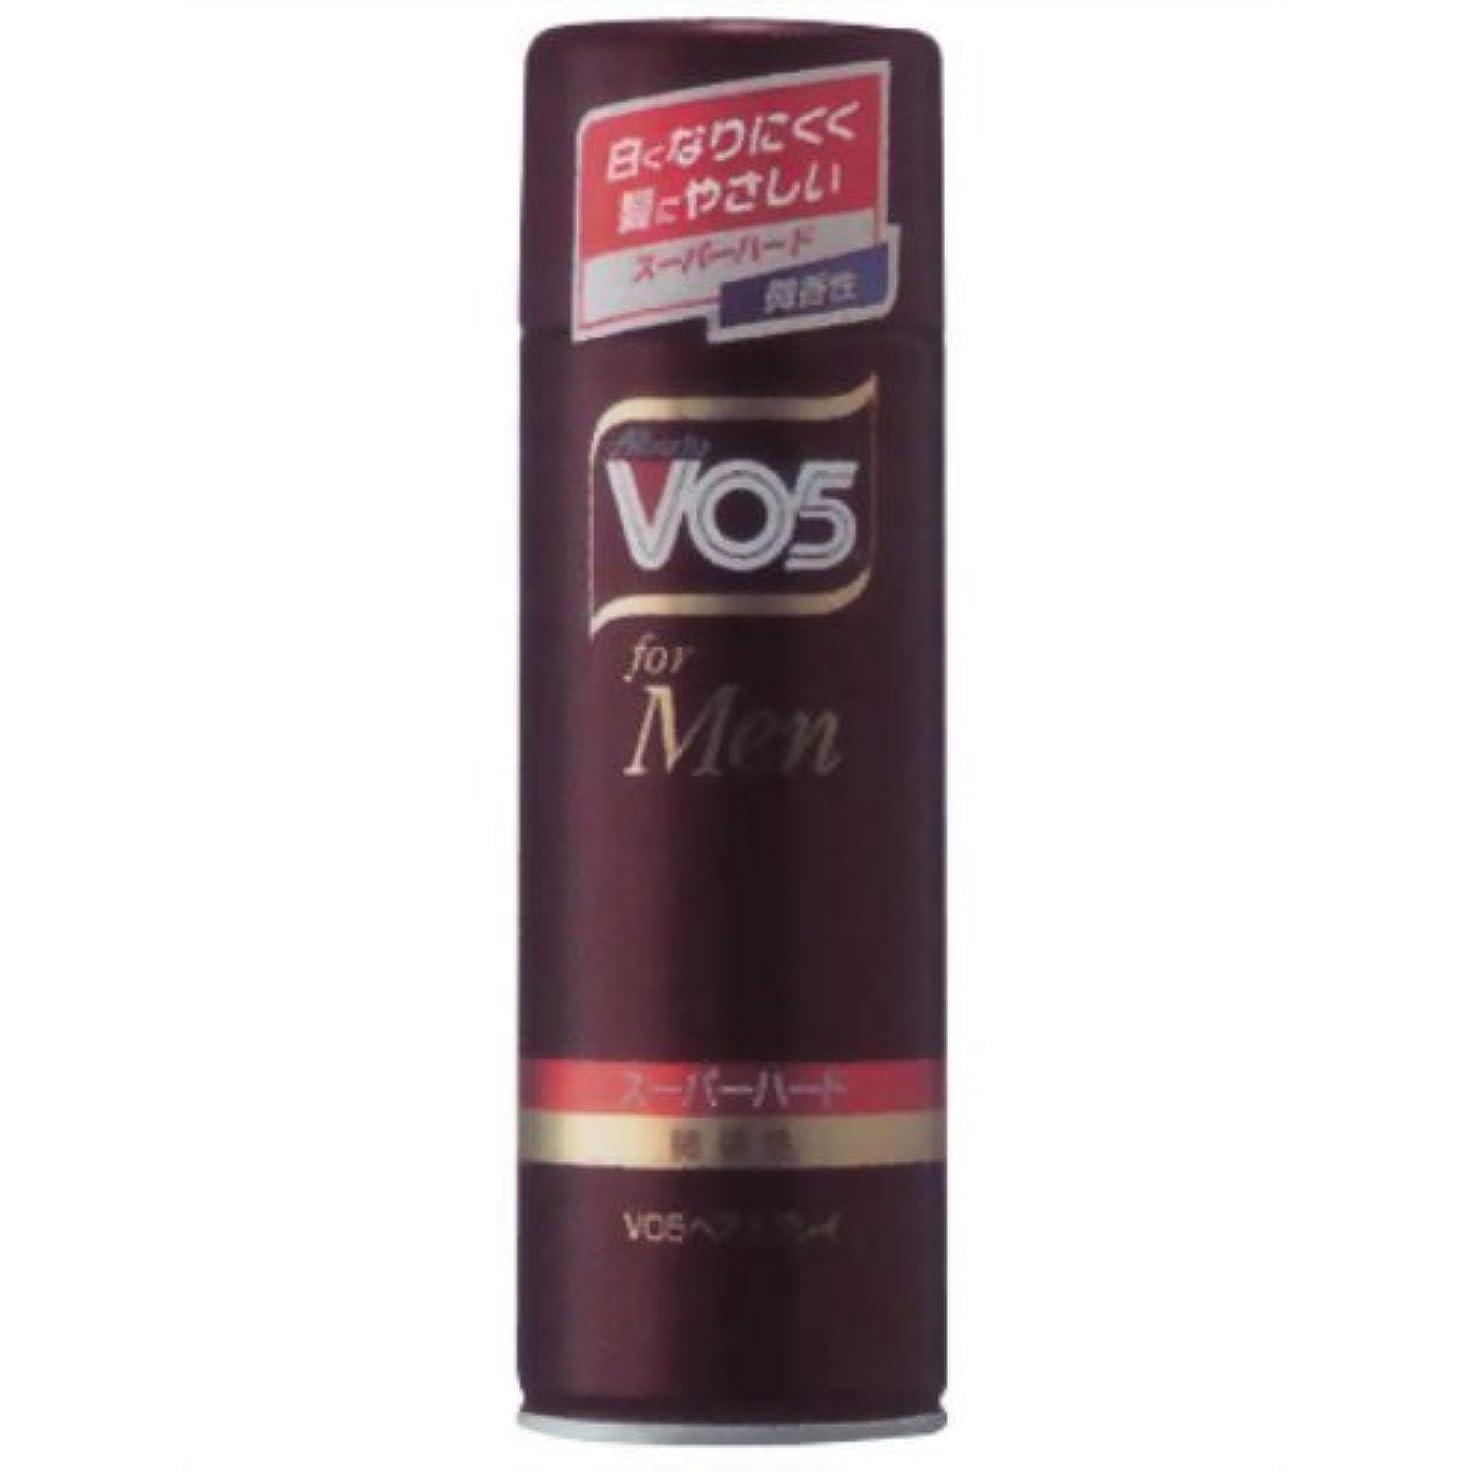 甘美な振るノイズVO5 for MEN ヘアスプレイ スーパーハード微香性 260g